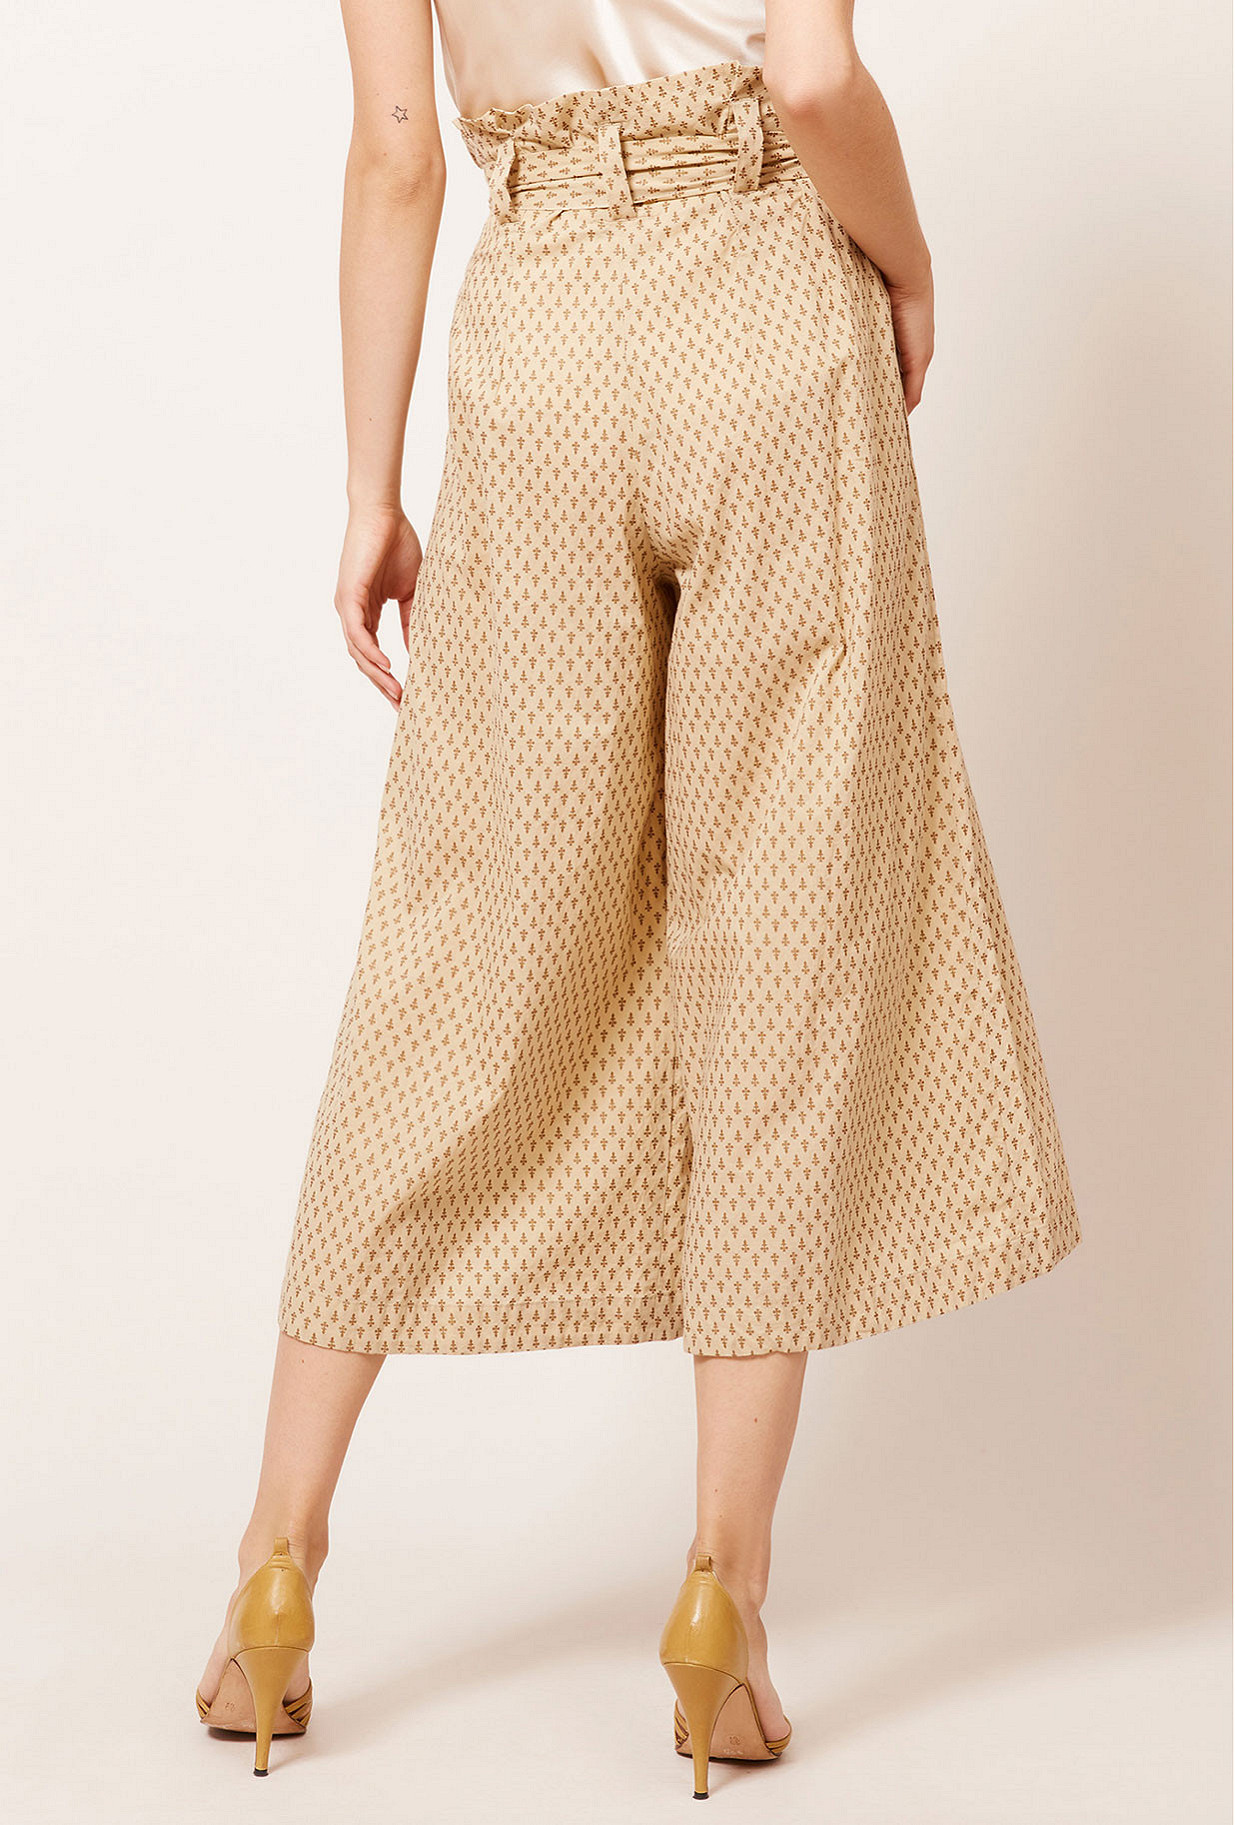 women clothes Pant  Chatelain